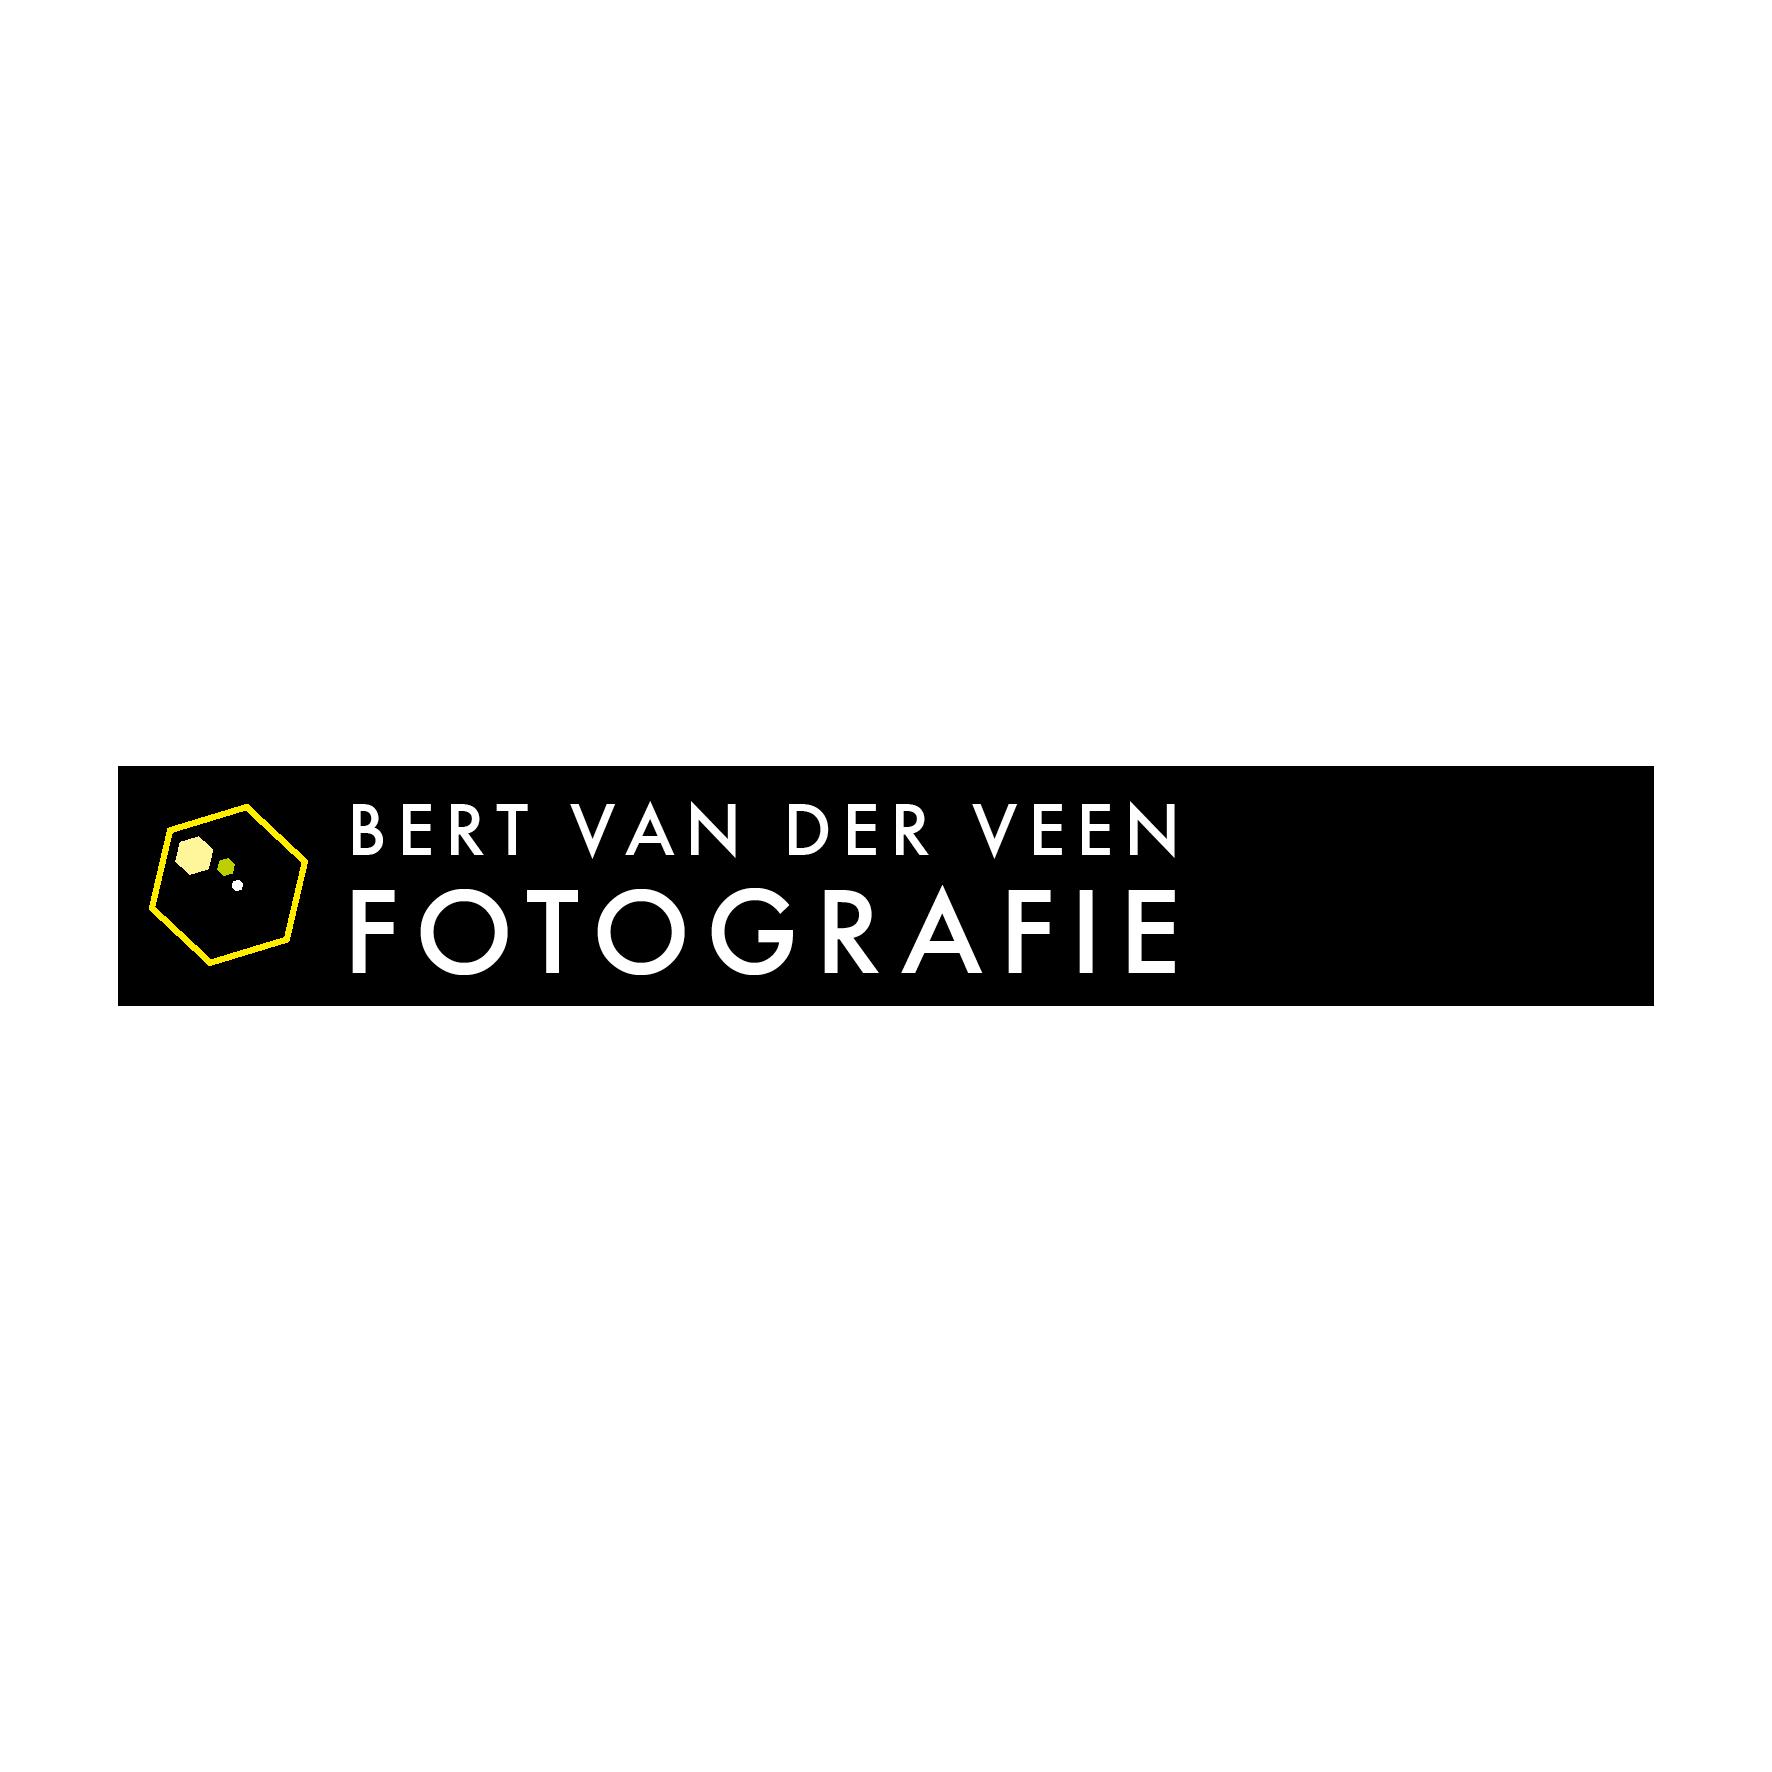 Bert van der Veen Fotografie